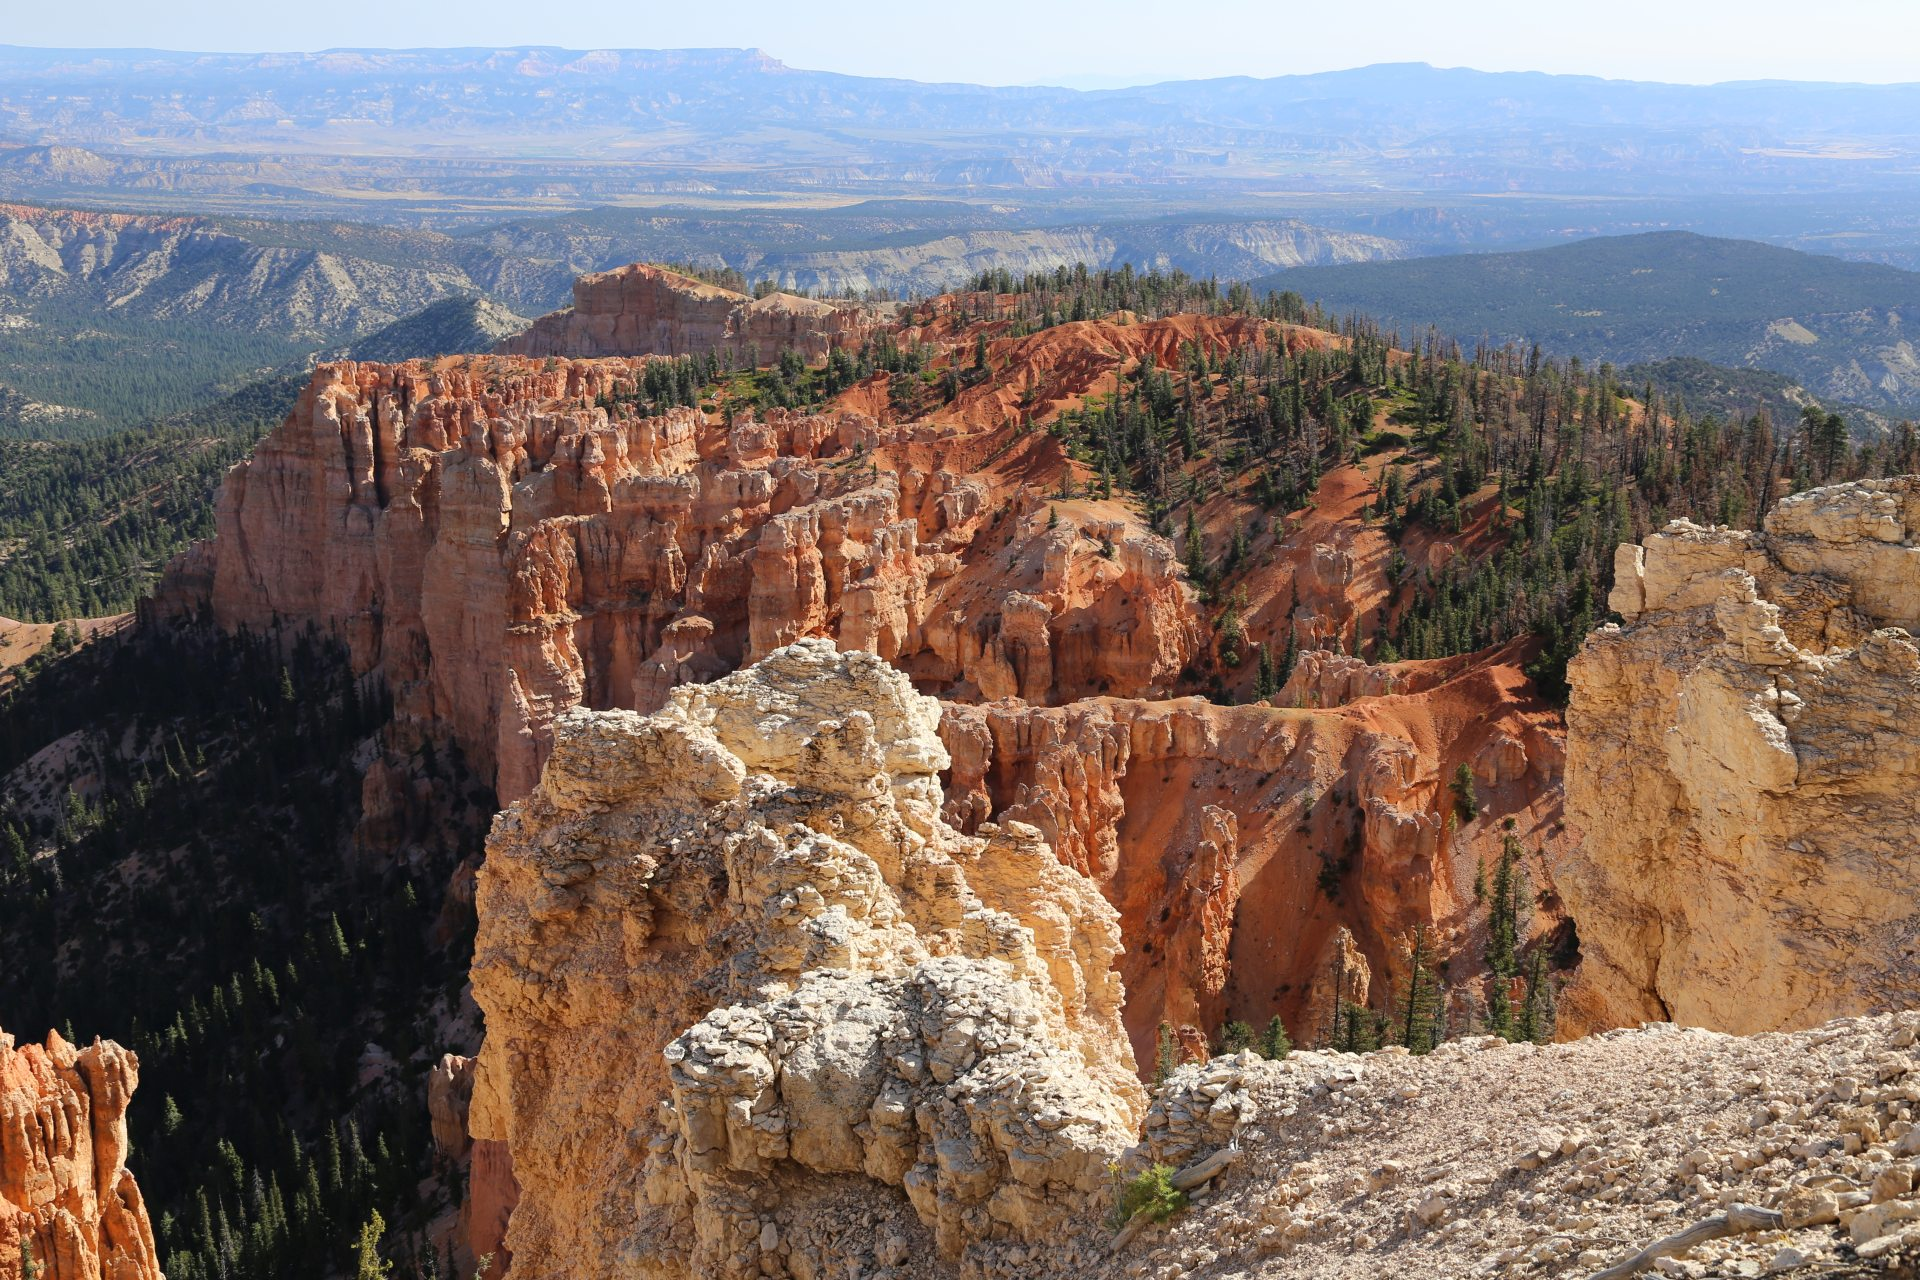 Beeindruckende Ausblicke egal wohin das Auge schaut - Aussicht, Bäume, Bryce Canyon National Park, Canyon, Erosion, farbenfroh, Felsnadeln, Fernsicht, Geologie, Gestein, Gesteinssäulen, Gesteinsschichten, Himmel, Hoodoos, Landschaft, Monolithen, Natur, Panorama, Sandstein, Utah - (Georgetown, Bryce, Utah, Vereinigte Staaten)